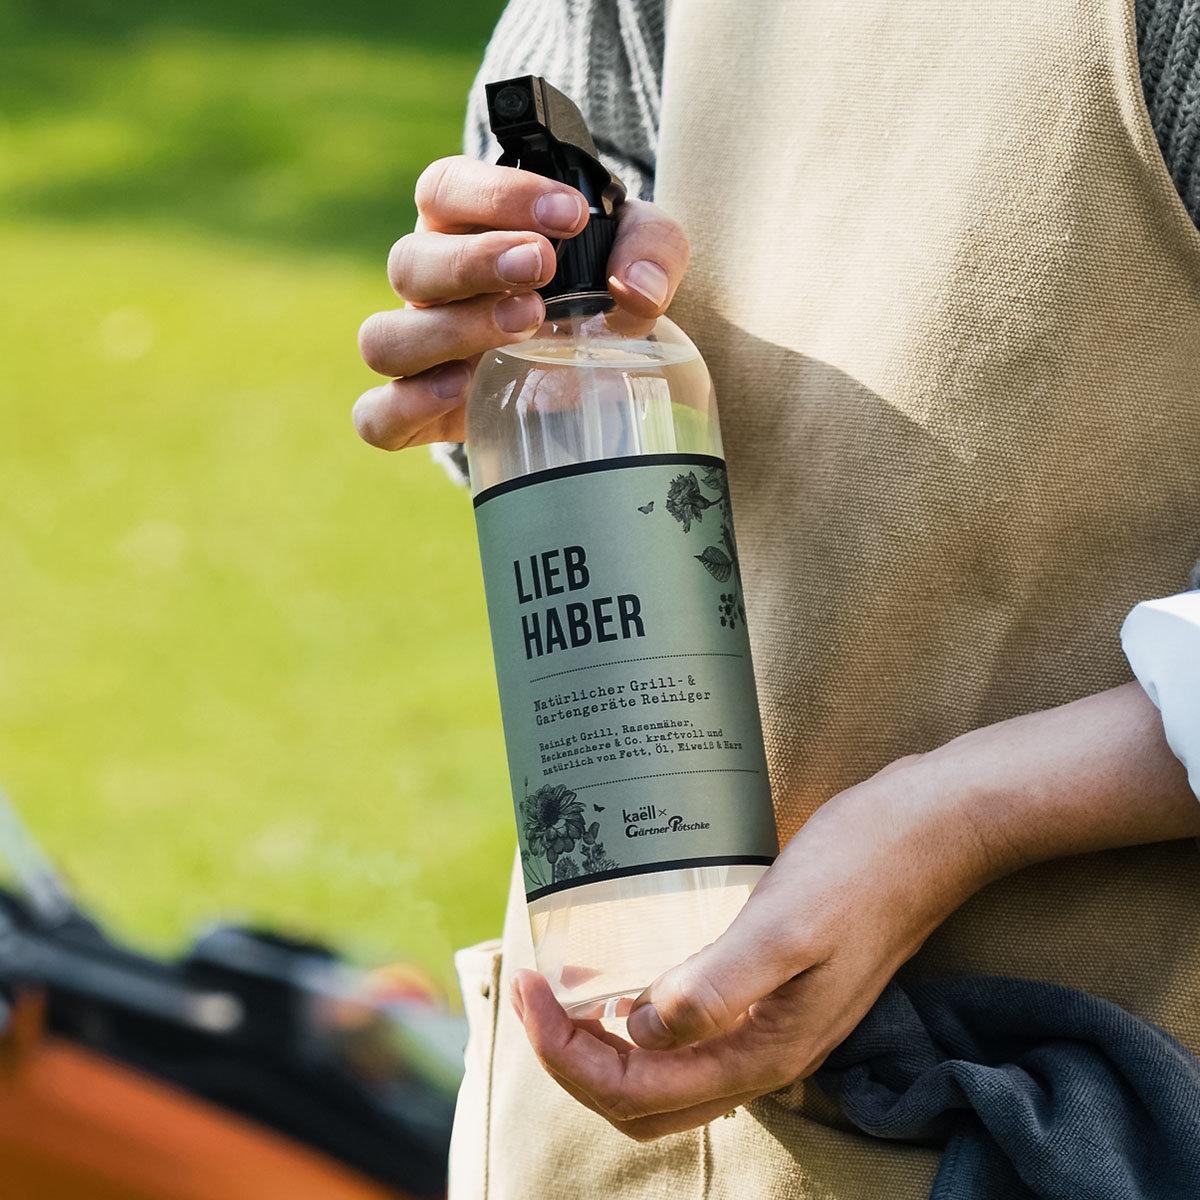 Natürliches Grill- und Gartengerätereiniger-Konzentrat Liebhaber, 750 ml | #6